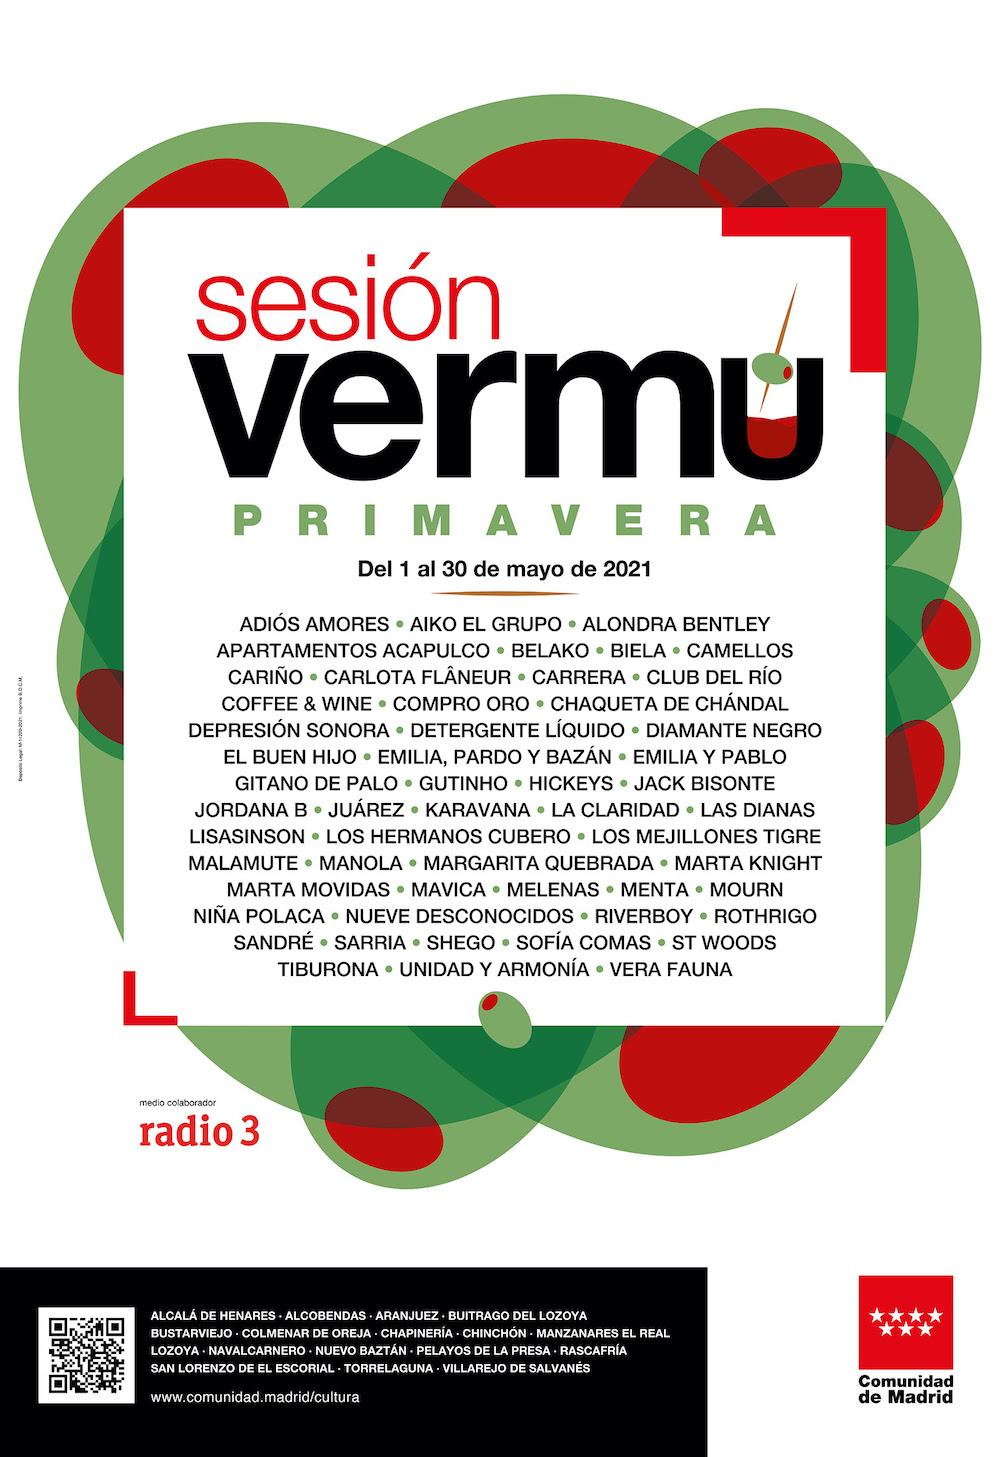 Sesión Vermú 2021: conciertos, fechas y ciudades